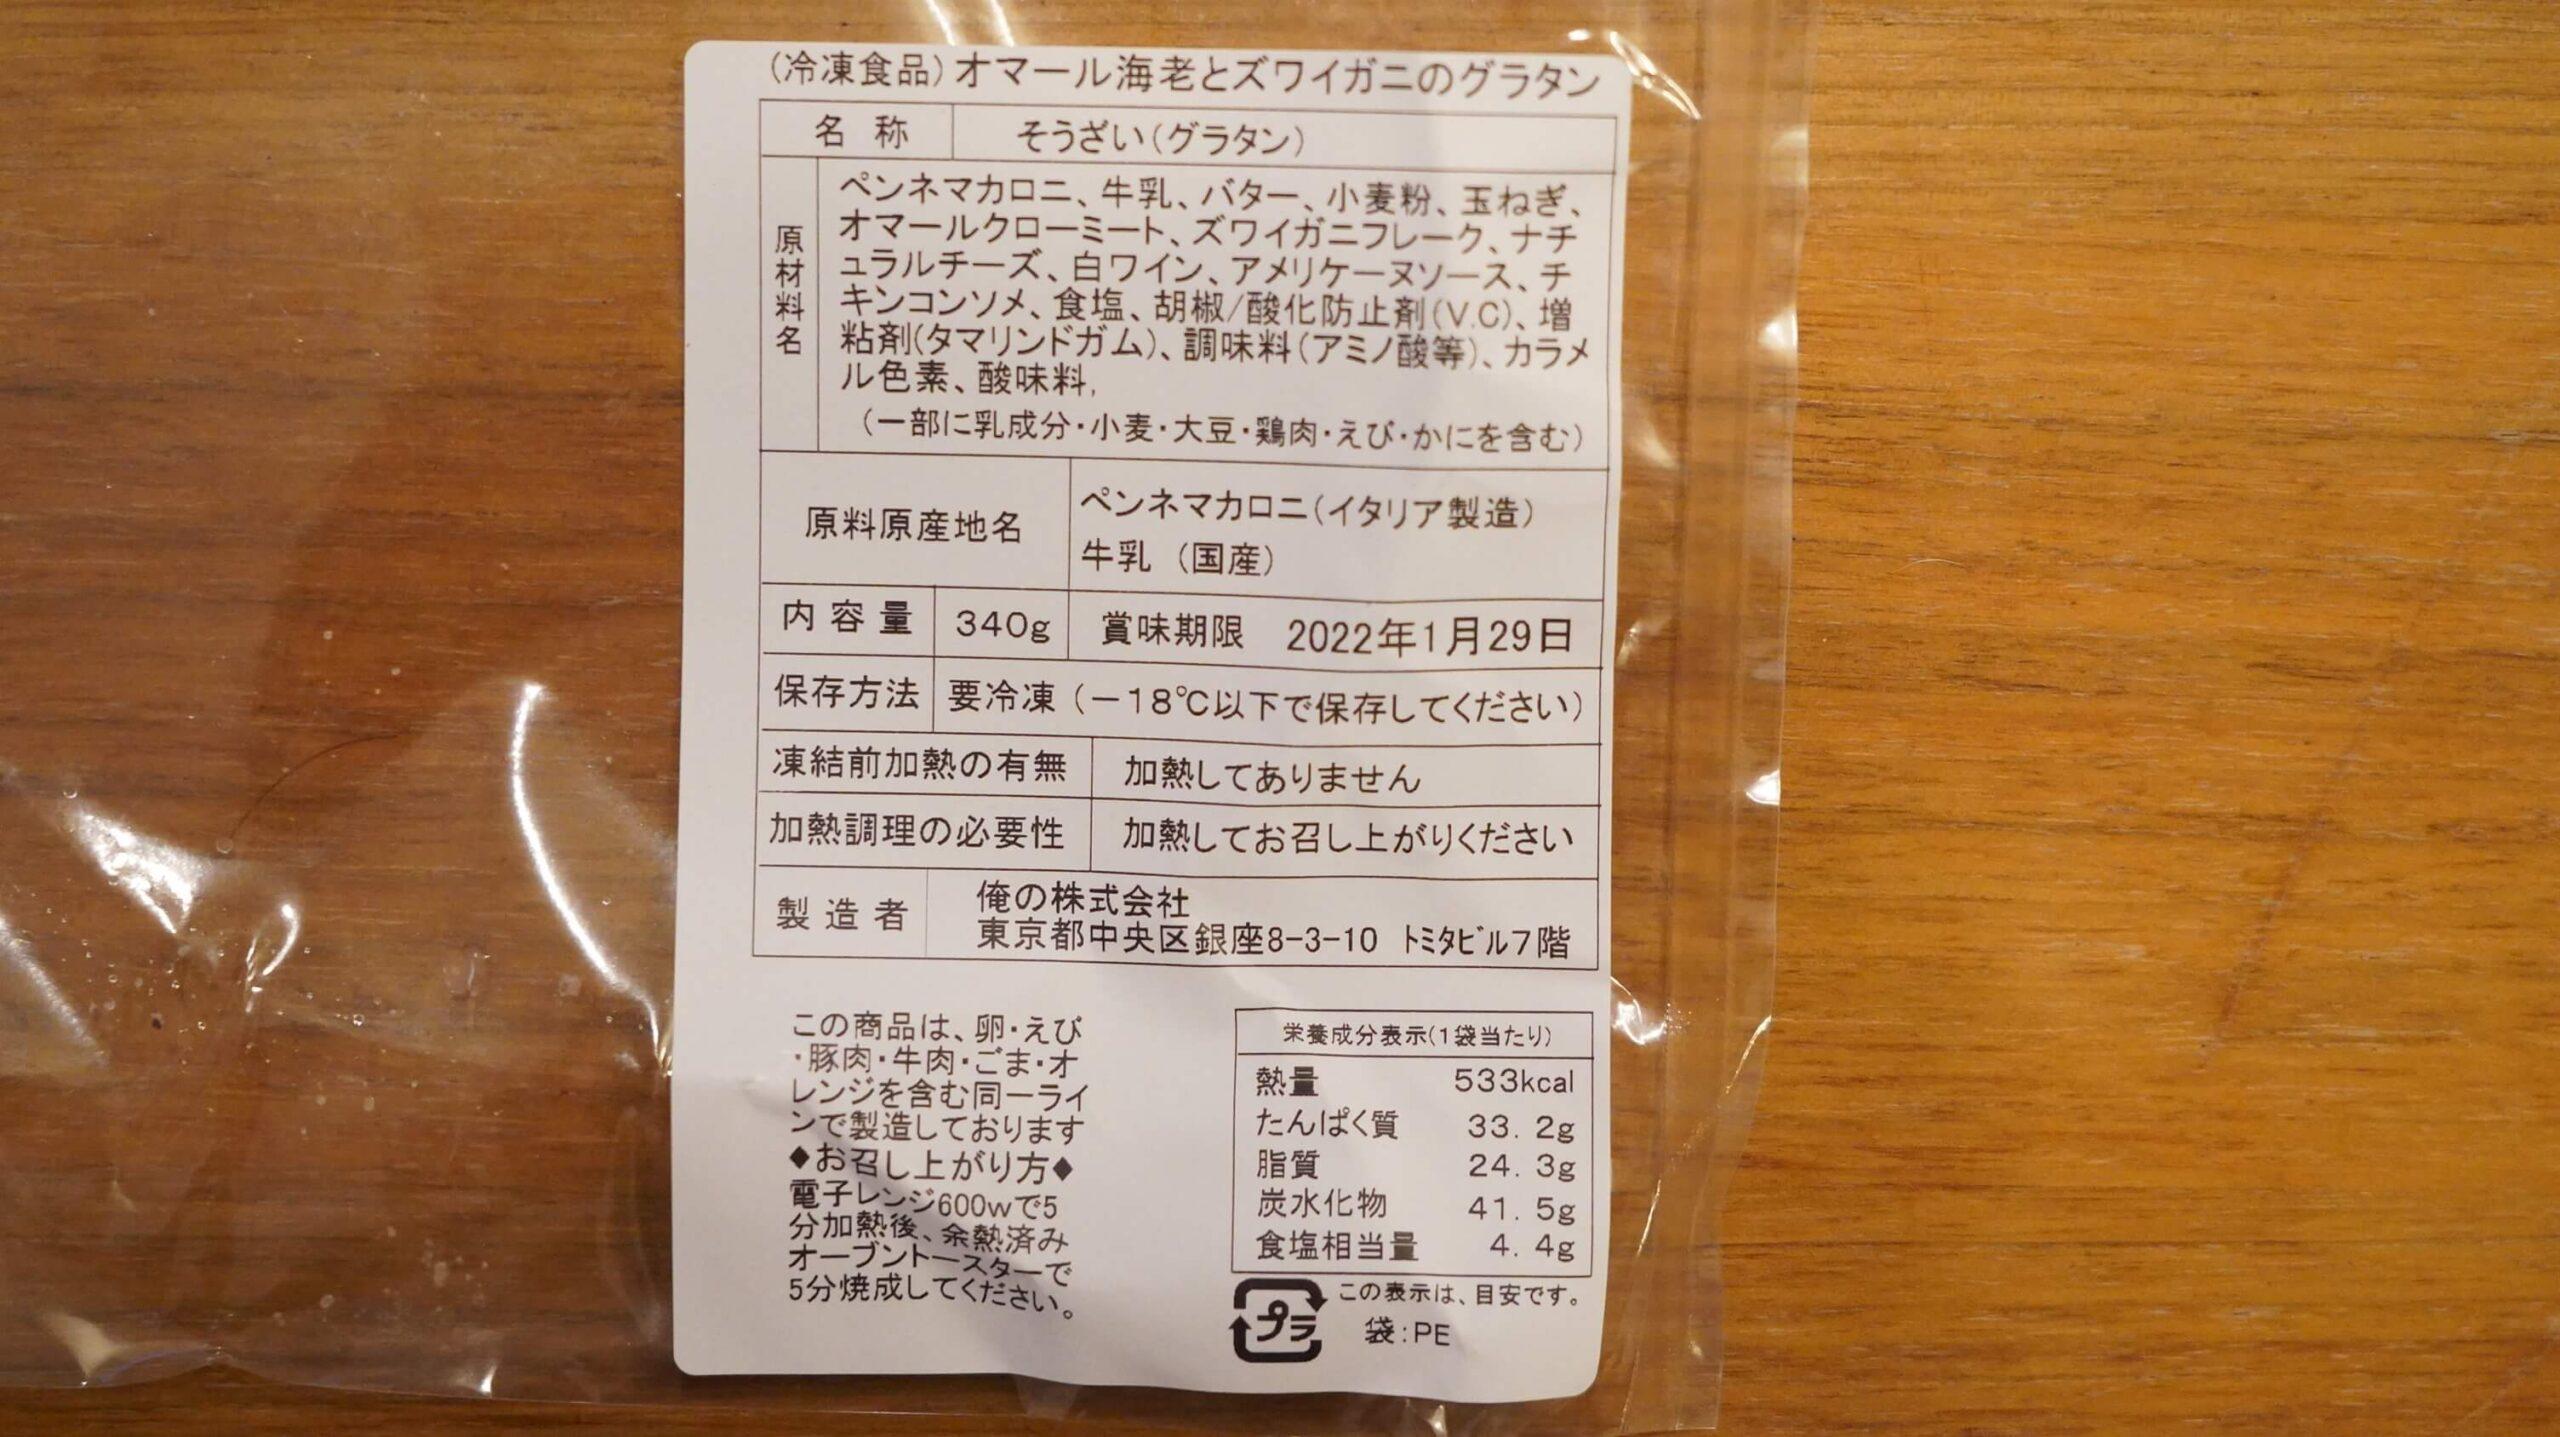 俺のフレンチの冷凍食品「オマール海老とズワイガニのペンネグラタン」のパッケージ裏面の写真